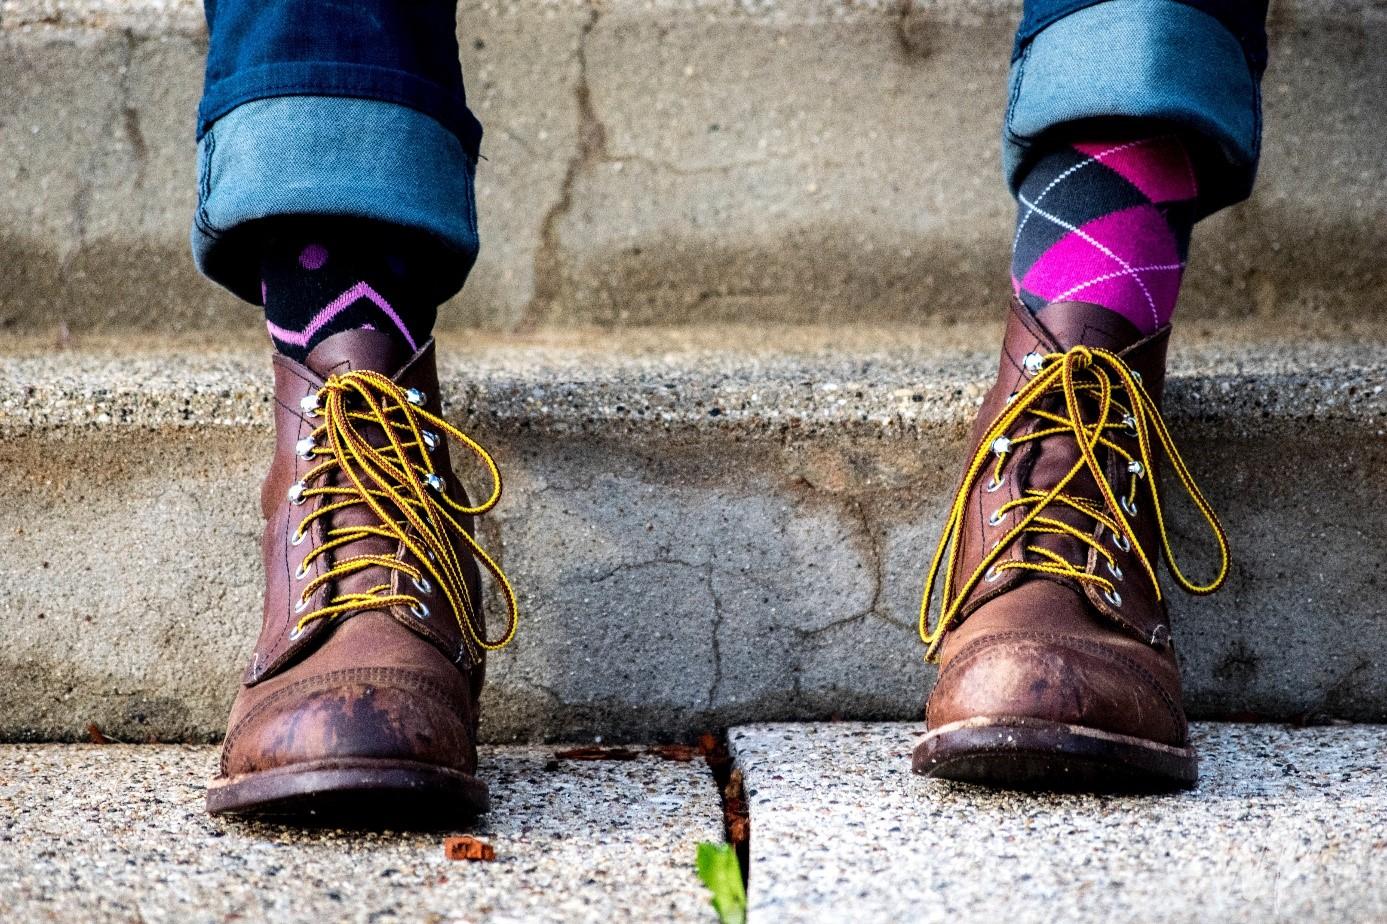 Chaussettes pour hommes : entre chic et excentricité